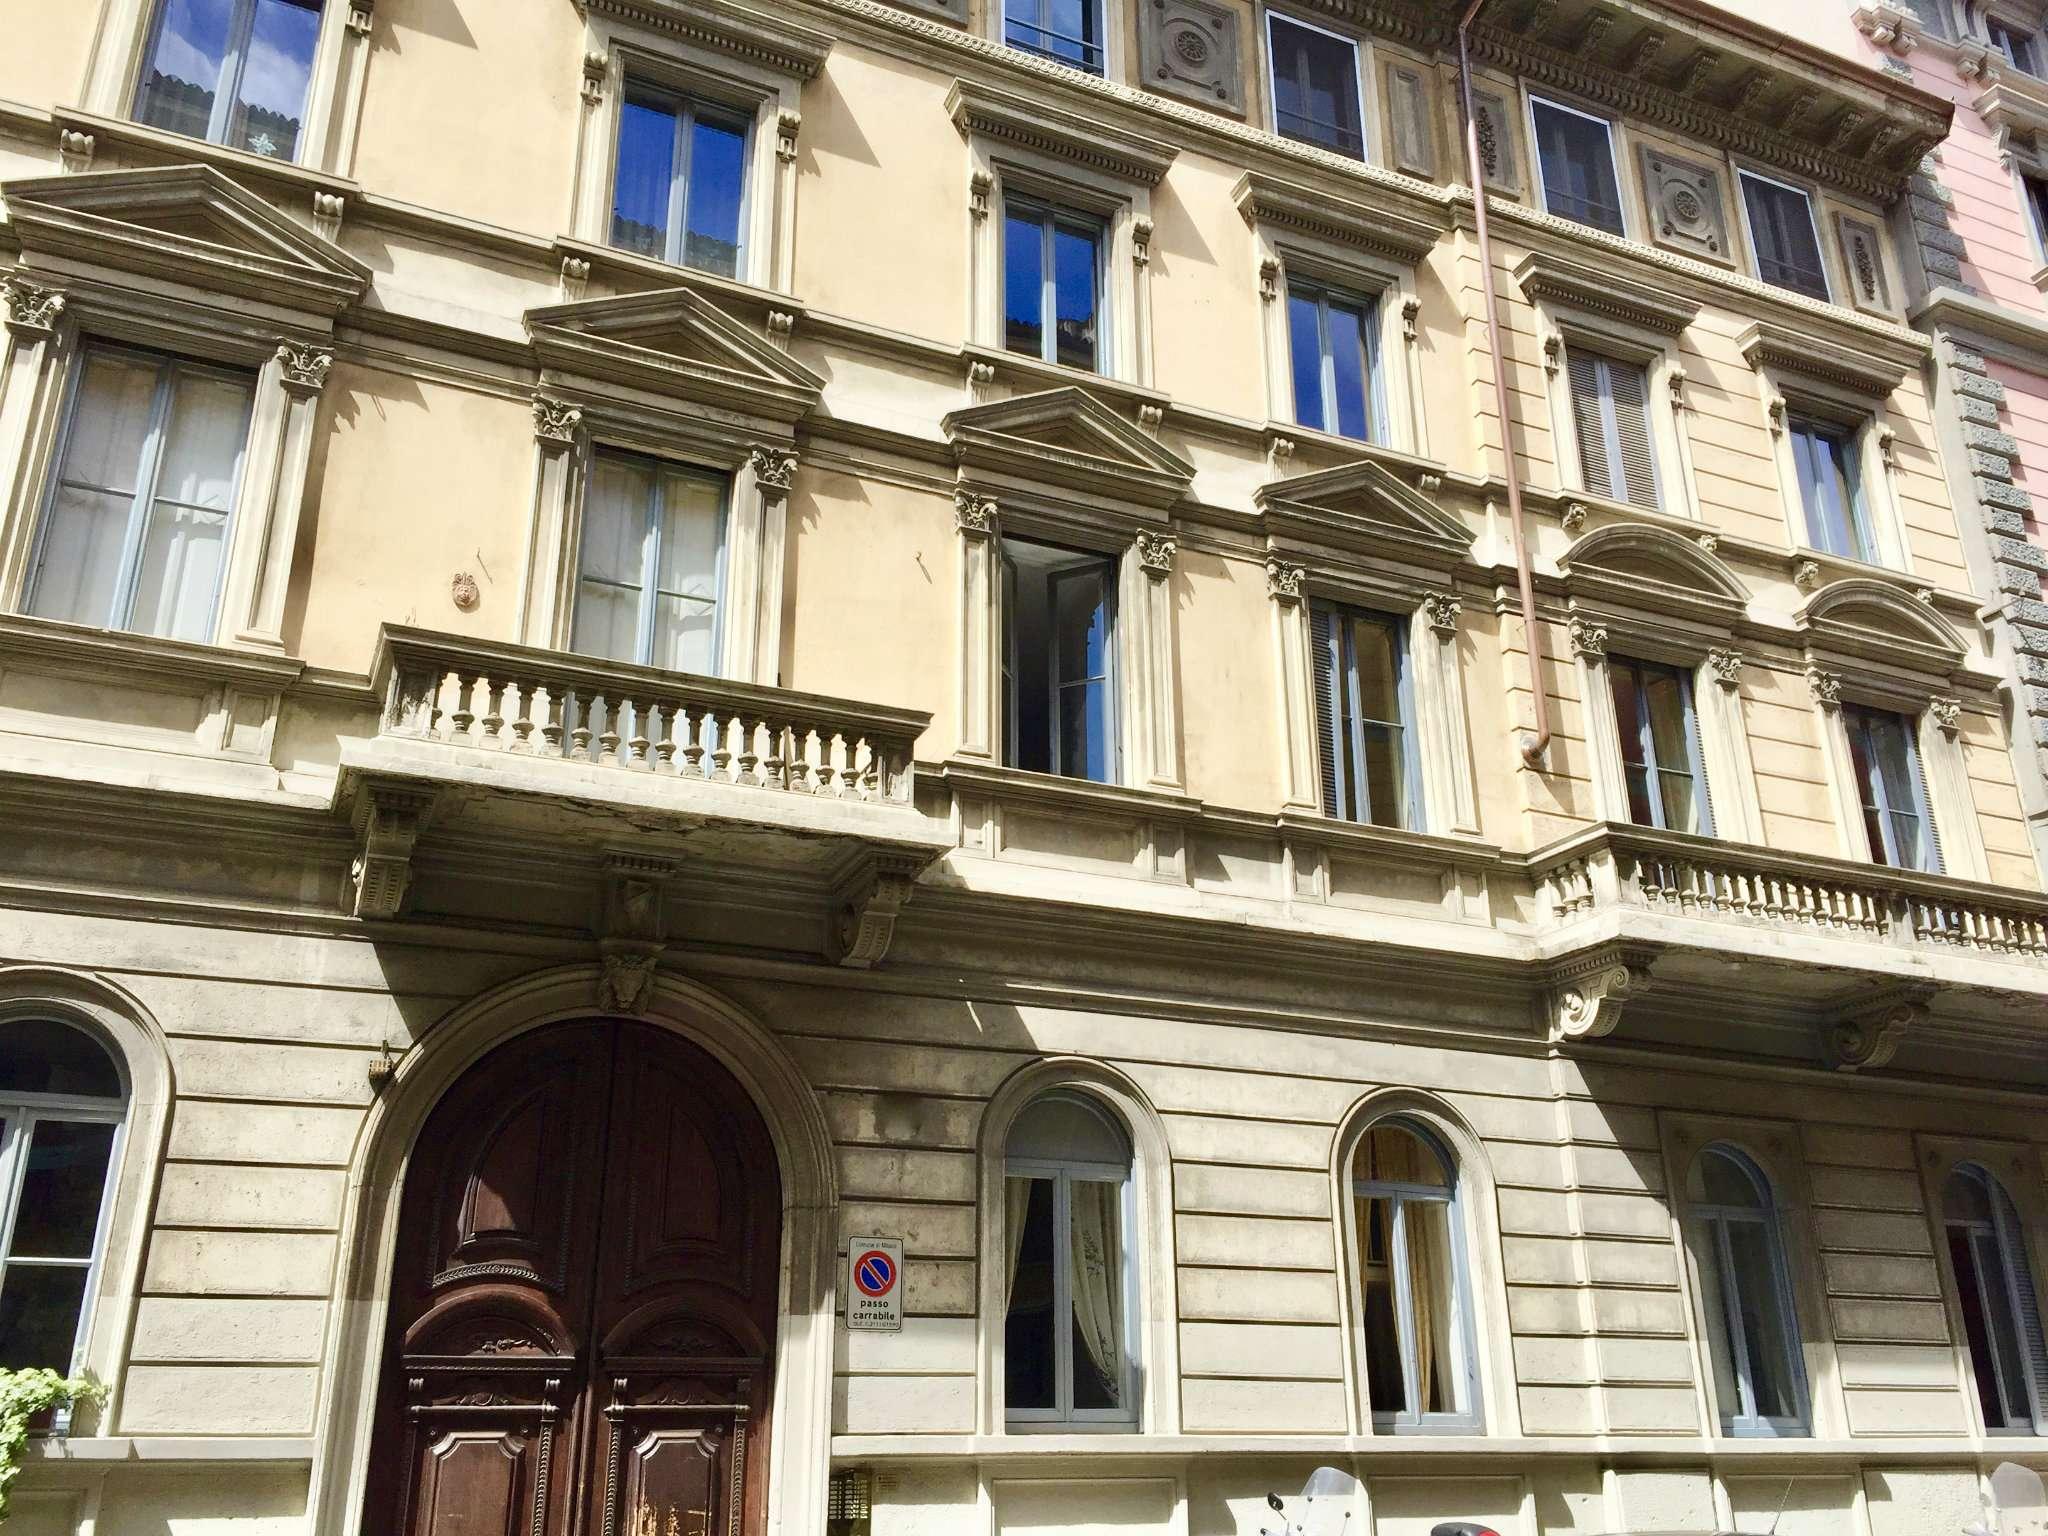 Appartamento in vendita a milano via settala trovocasa for Case in vendita milano zona brera